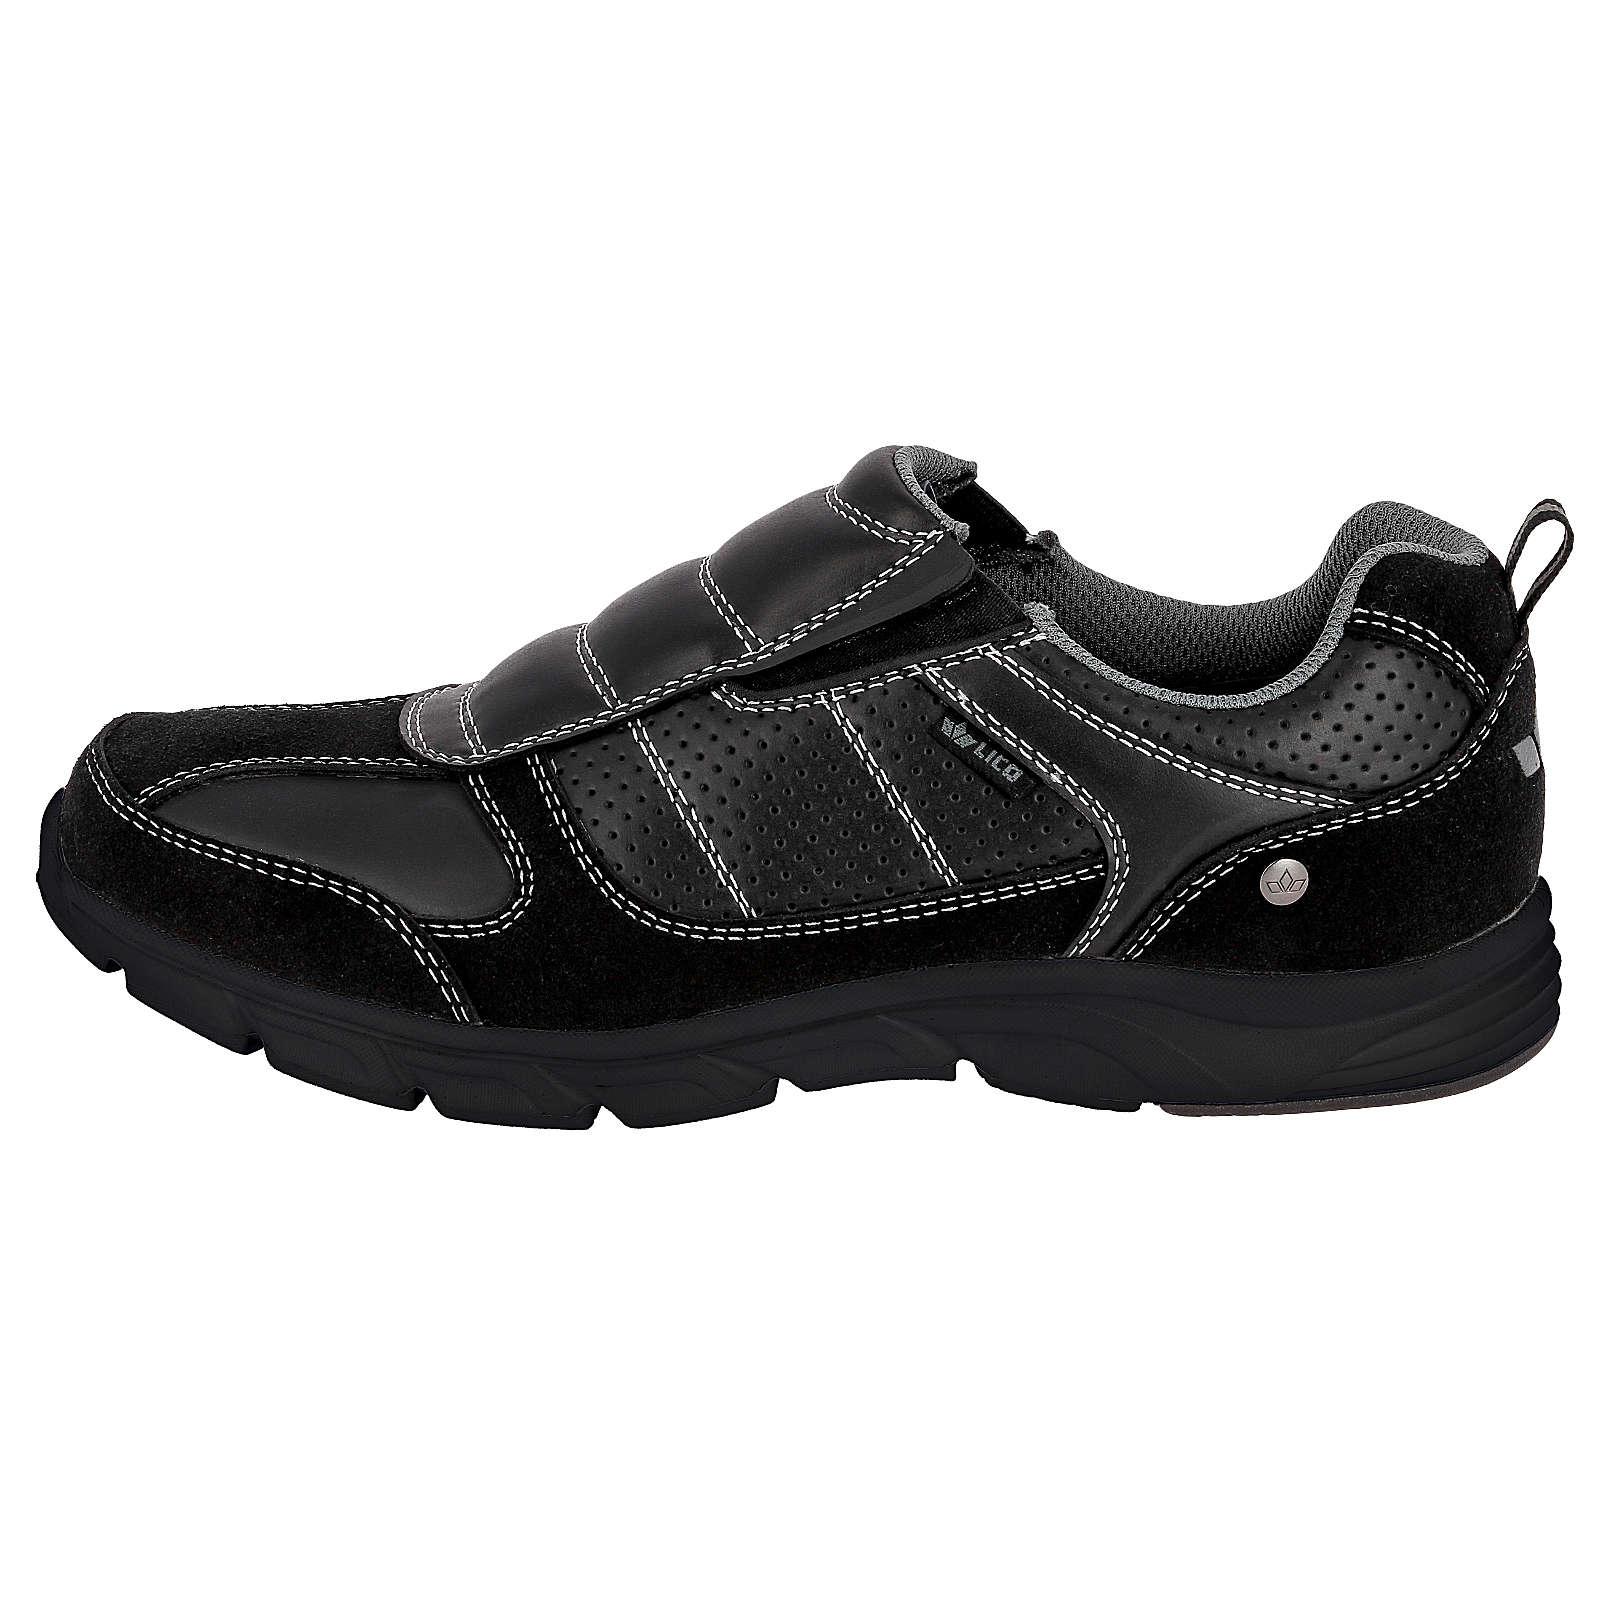 LICO Freizeitschuh Brighton Sneakers Low schwarz Herren Gr. 36